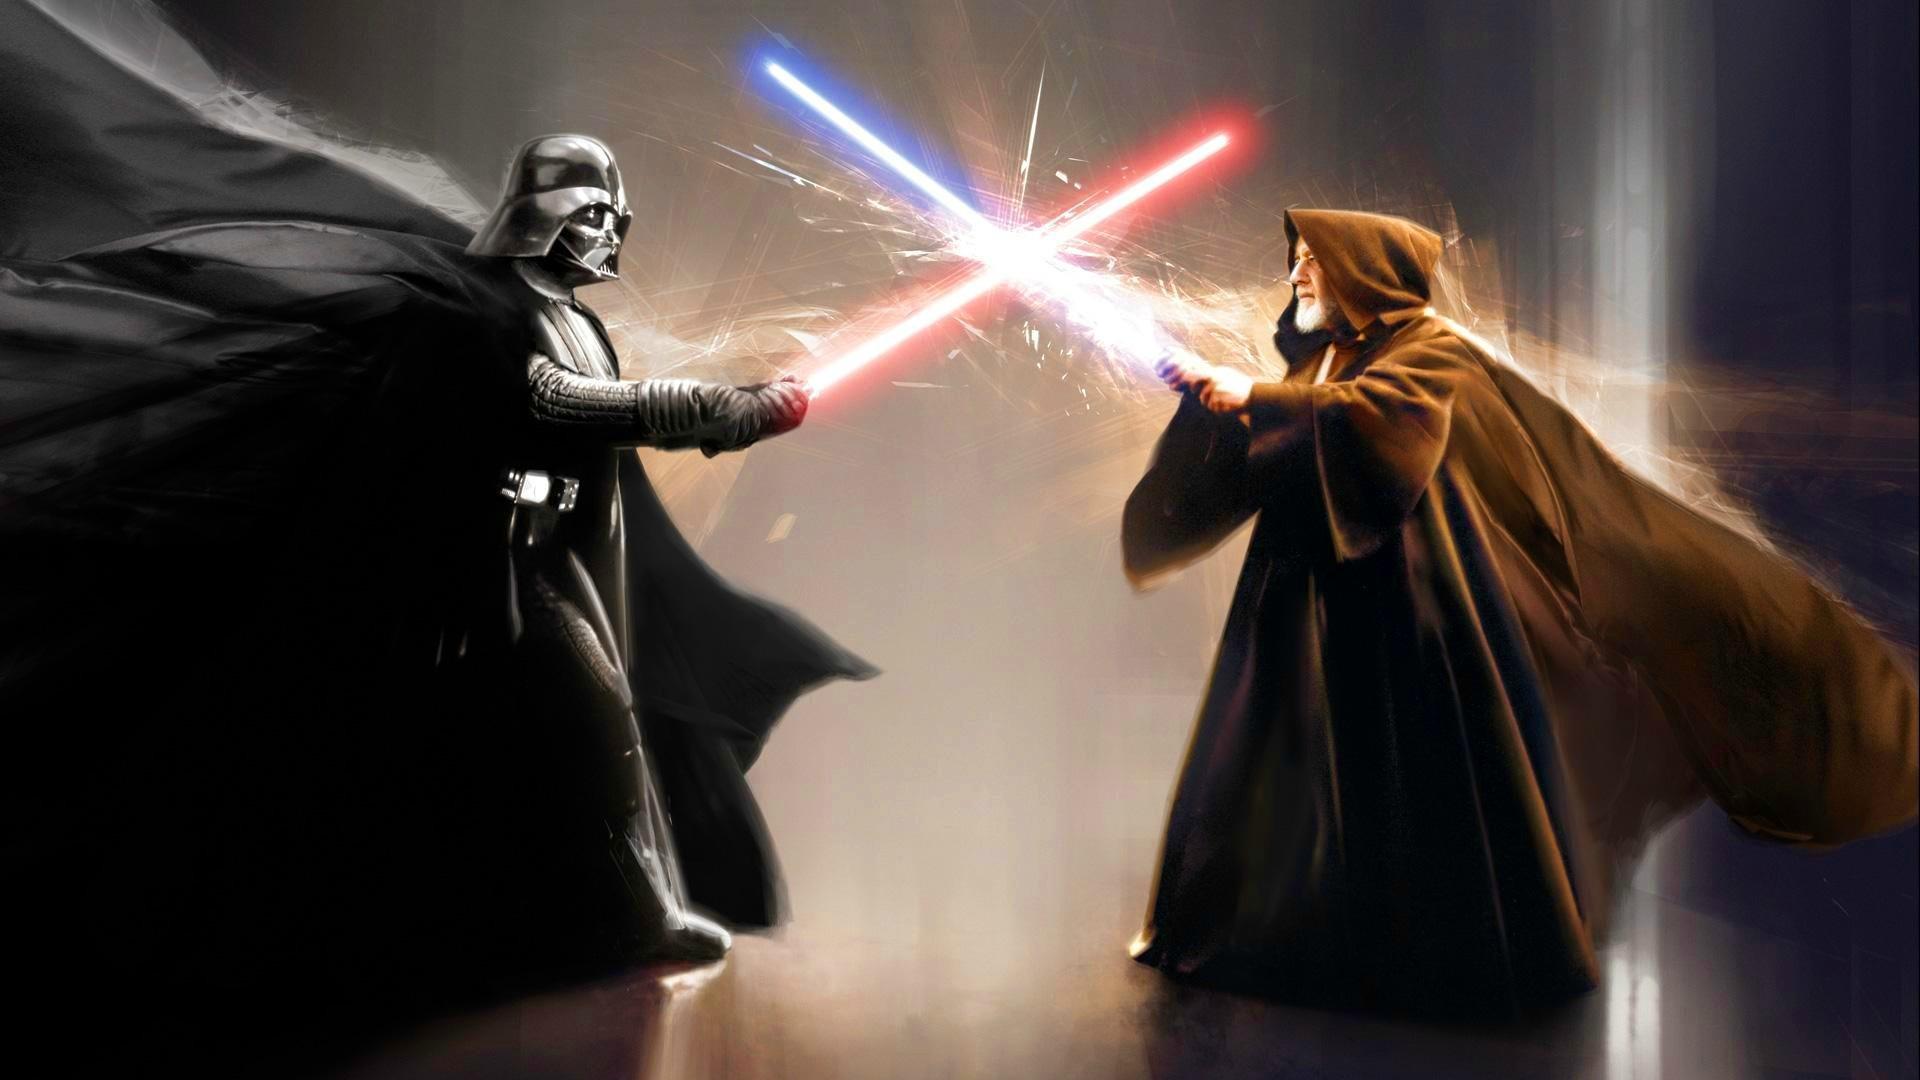 Darth Vader fight